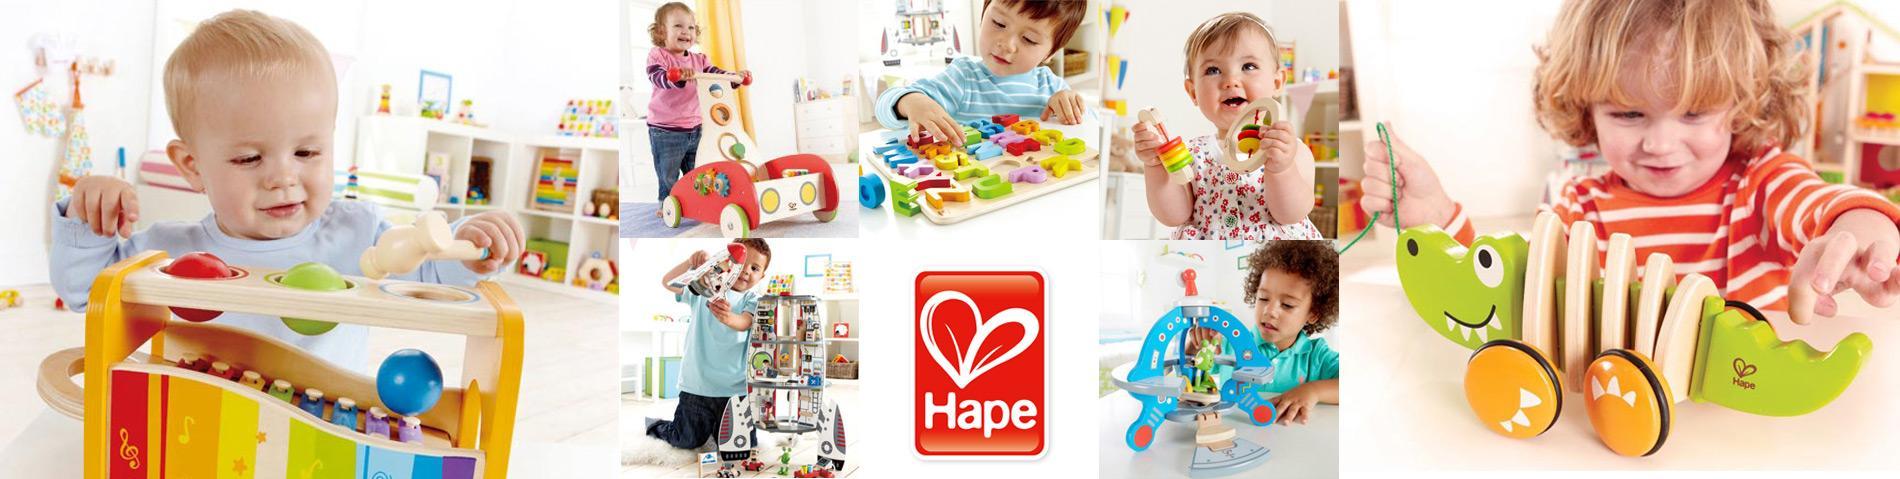 1709hape-toys-little-dragonfly-banner.jpg